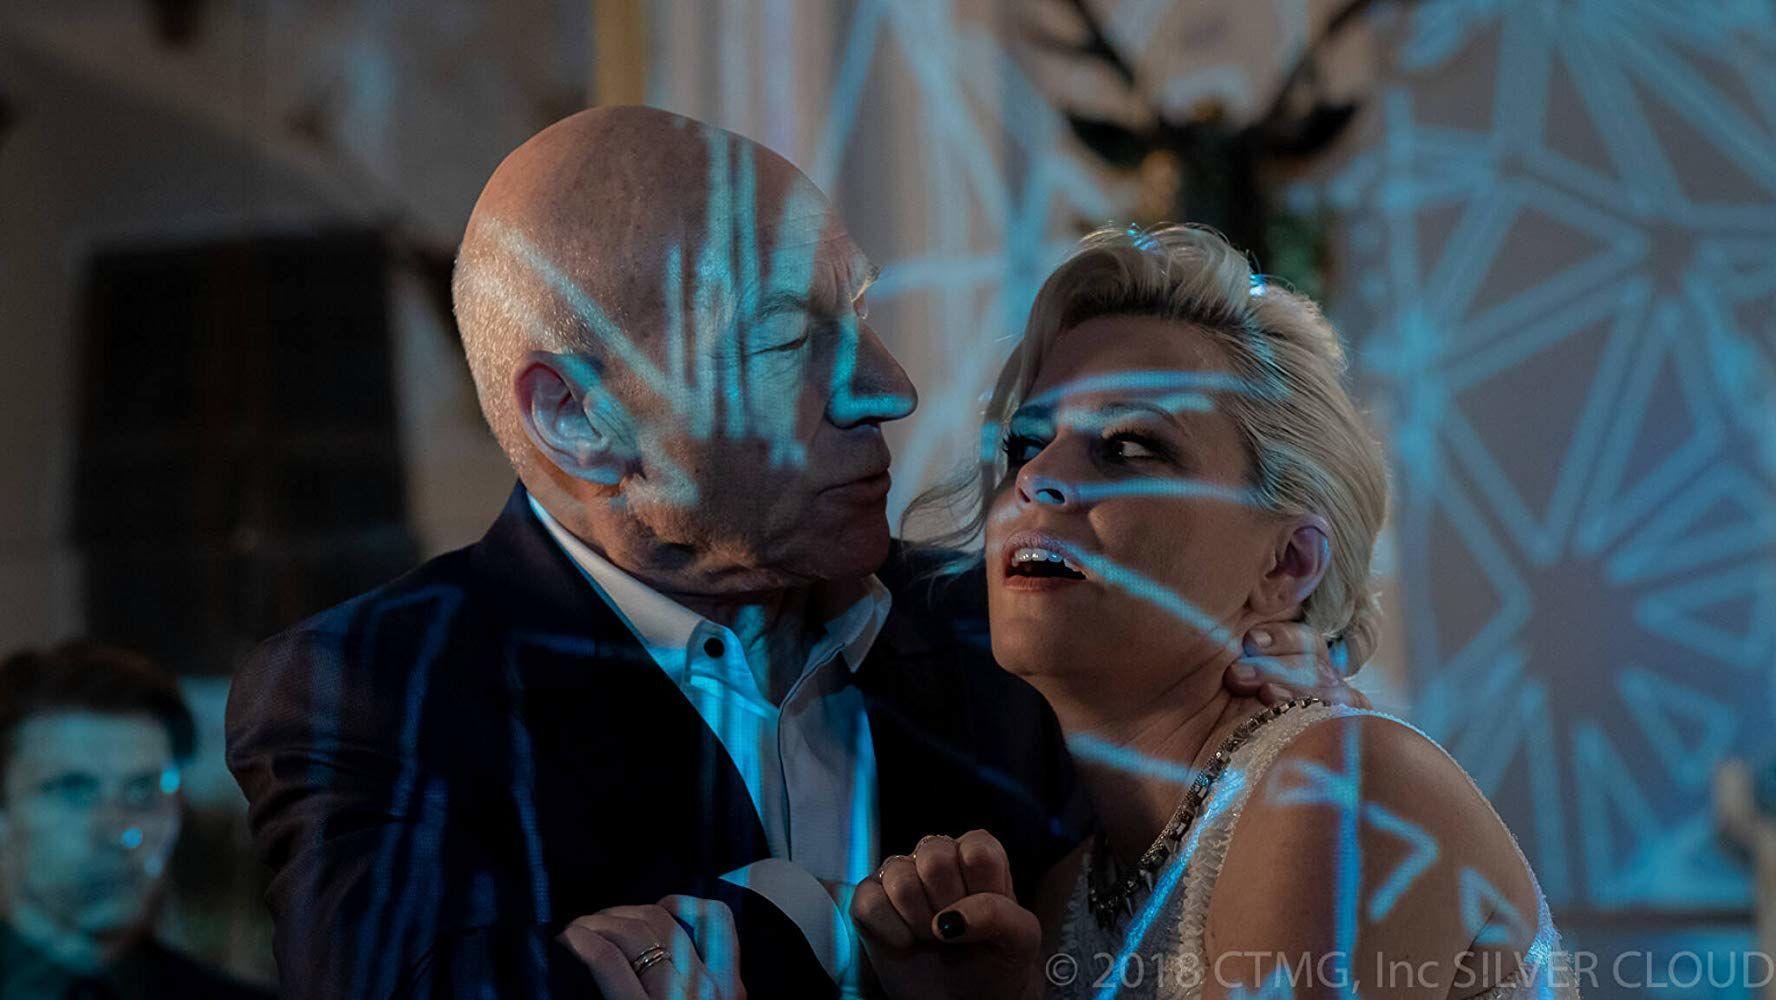 Review Film Charlie's Angels: Cerita Segar Meski Mudah Tertebak